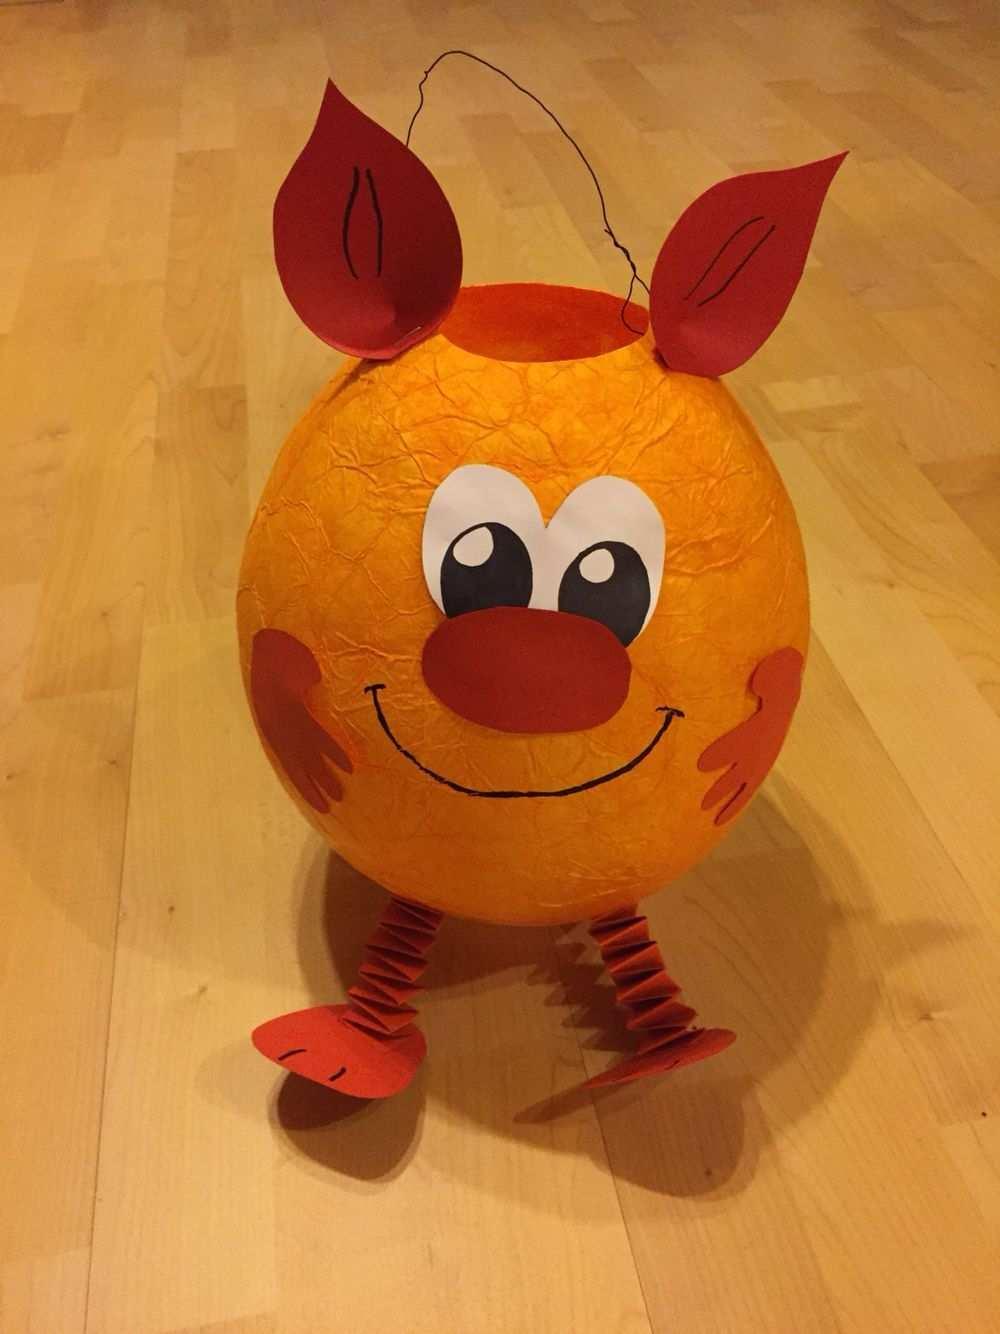 Monster Laterne Luftballon Seidenpapier Achtung Farbt Sehr Stark Handsch Kunstunterric In 2020 Laterne Basteln Luftballon Laternen Basteln Laterne Basteln Vorlagen